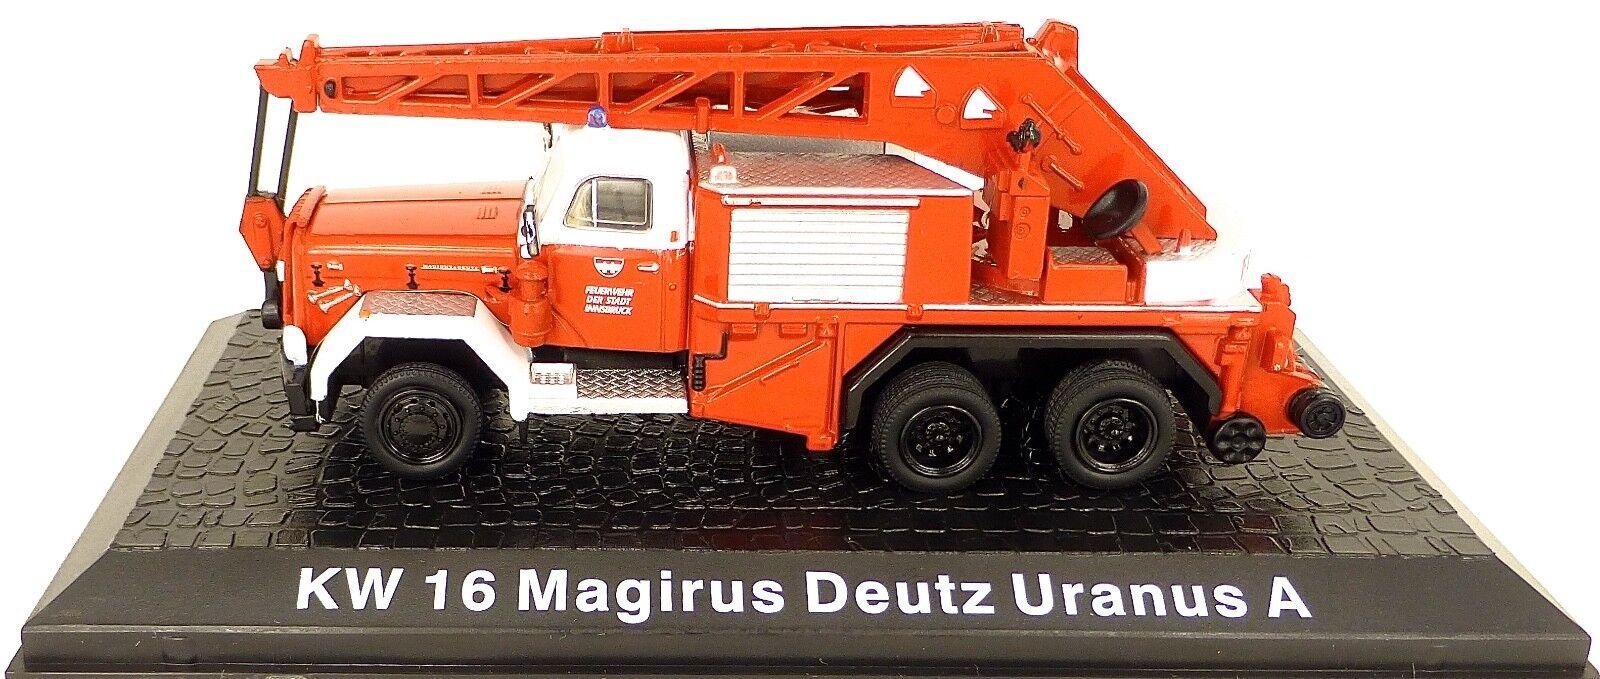 Fire Fire Fire Brigade Kw 16 Magirus Deutz Uranus a 1 72 u' L3 53339c